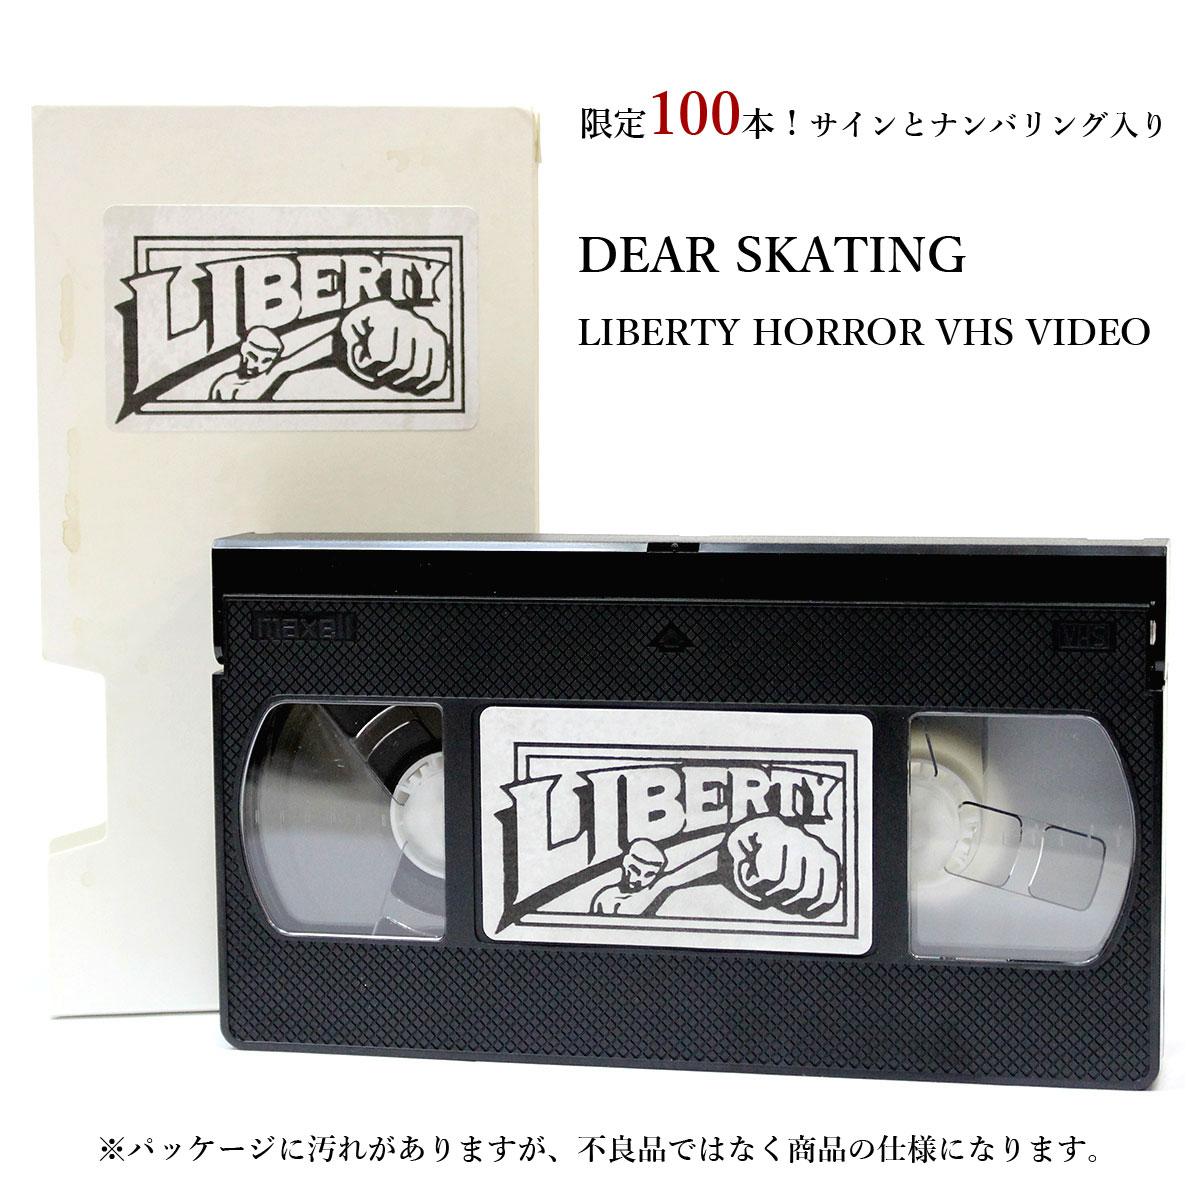 親愛的滑冰 / 自由恐怖 VHS 視頻自由滑板世界行業萎縮分佈 VHS 視頻 DVD